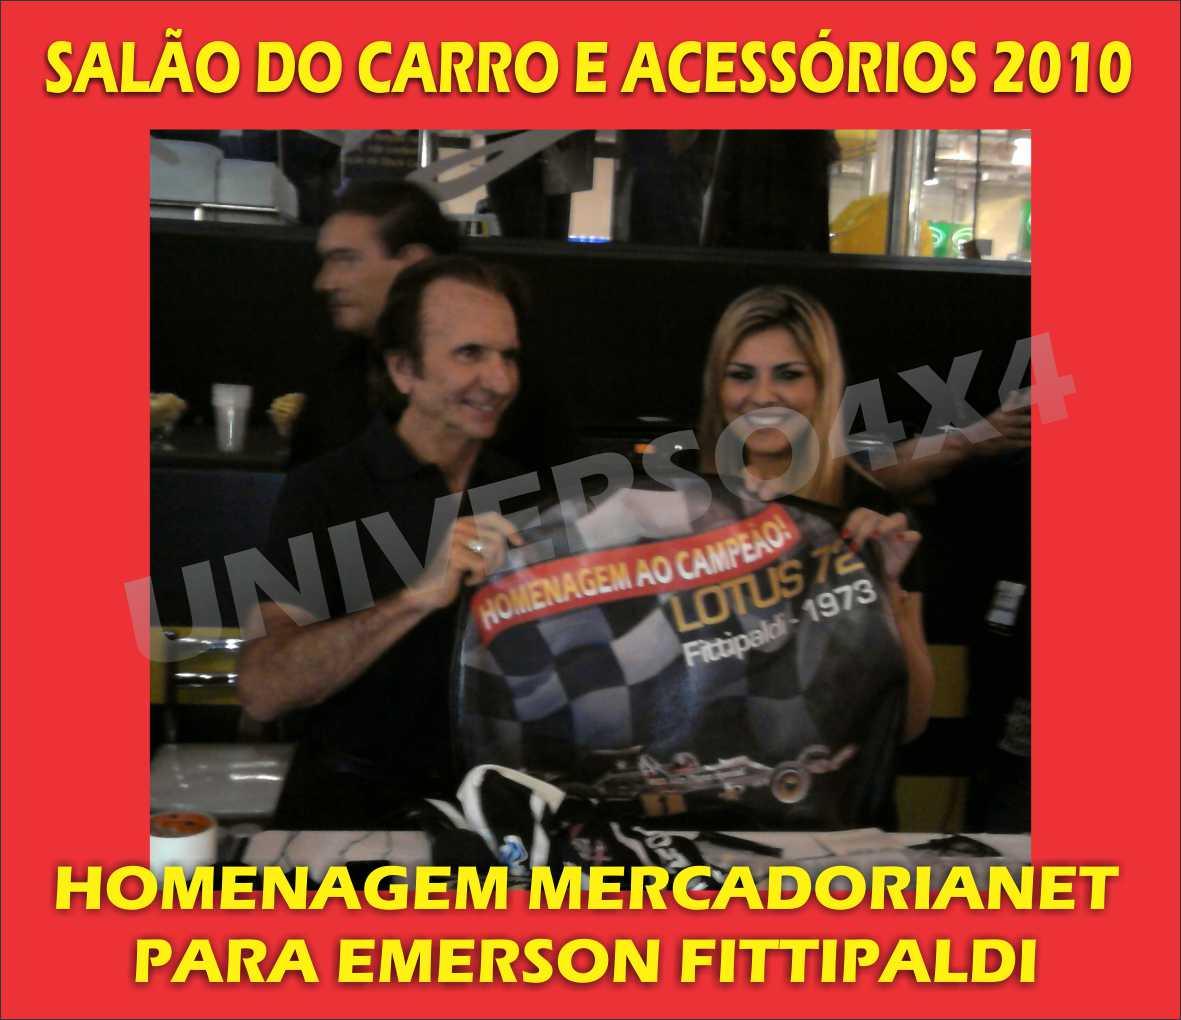 Capa Estepe Ecosport Camaleão M-VERDE